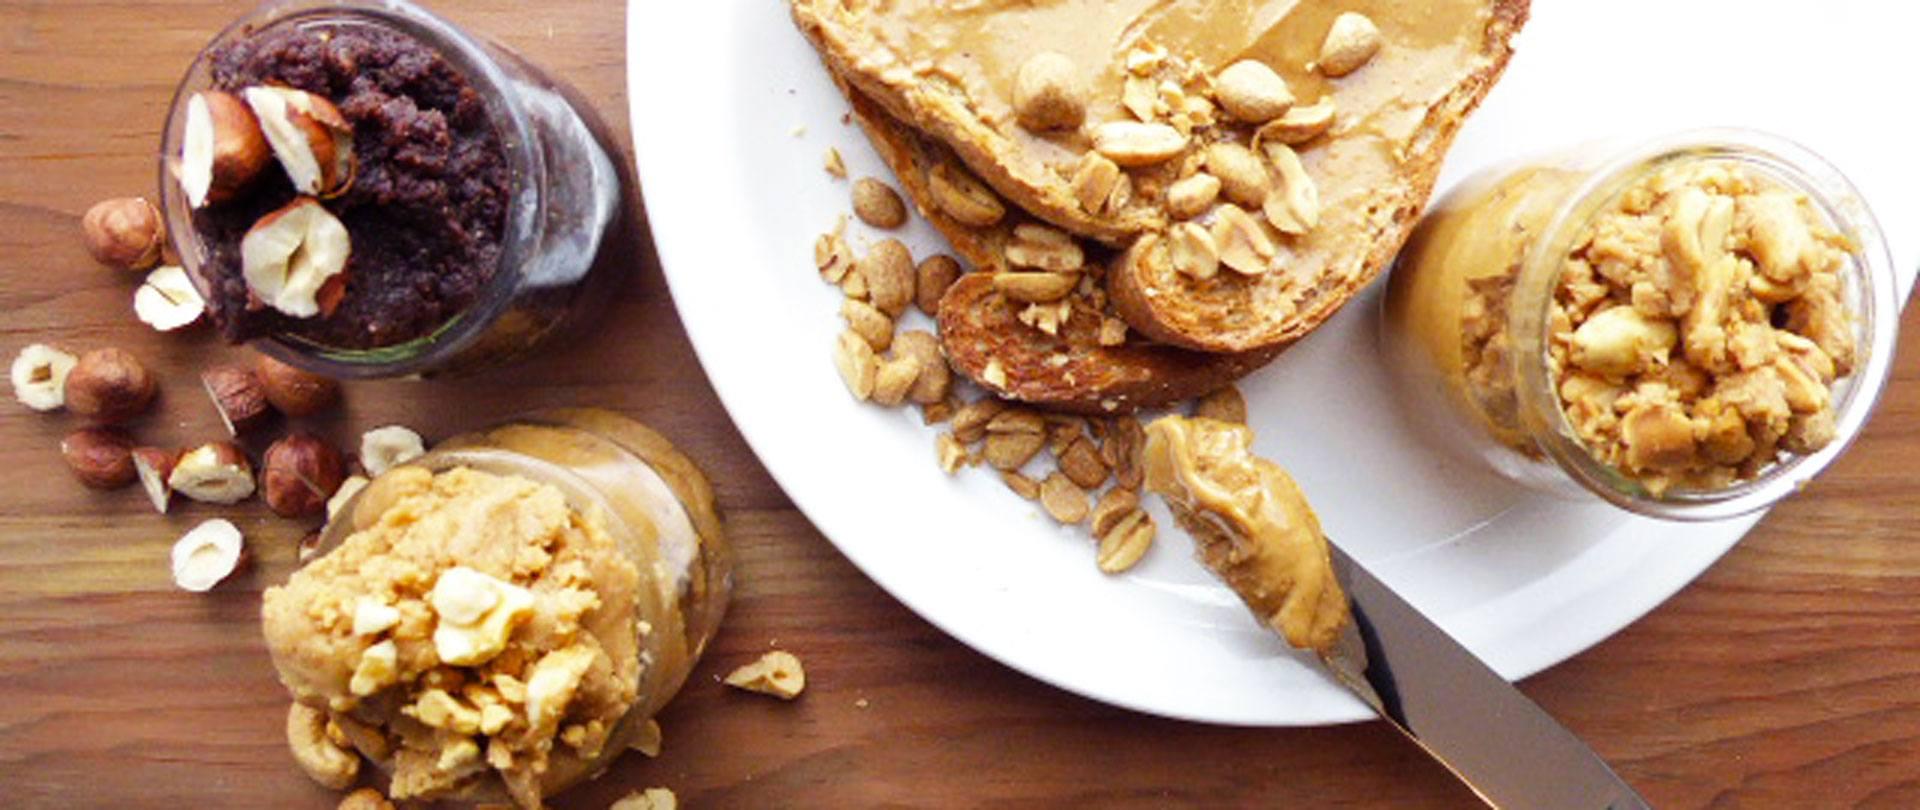 Beurre de noix maison : Comment faire? + 3 variantes